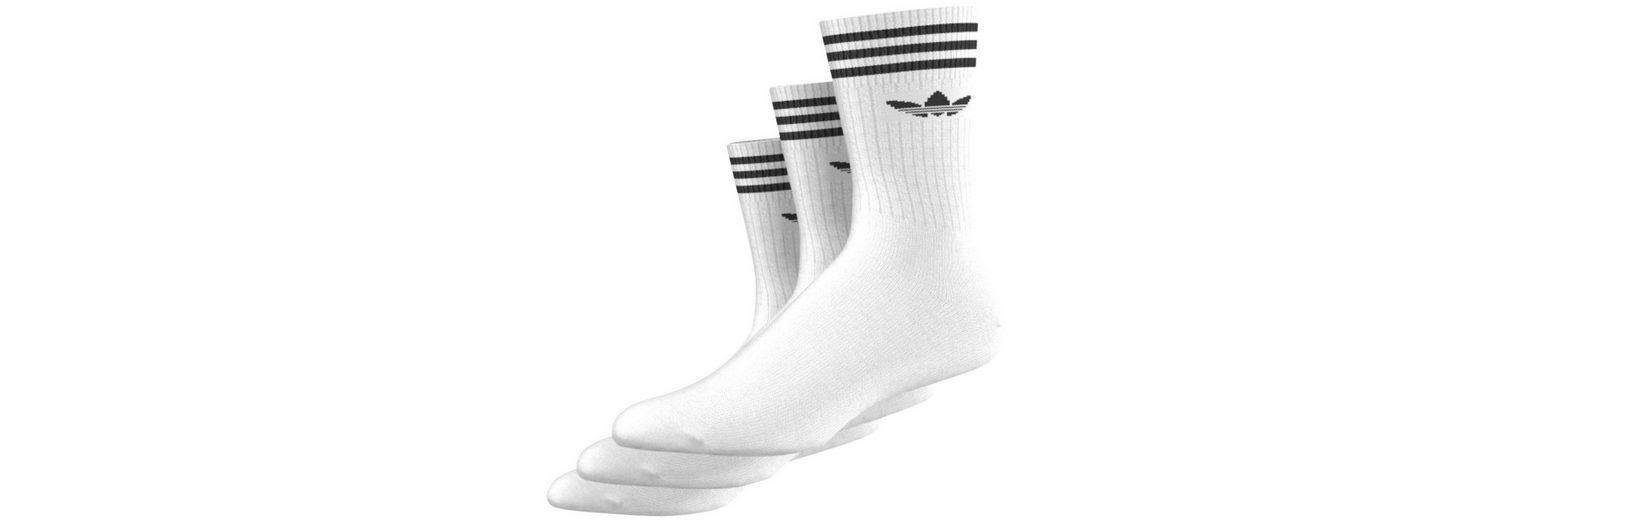 adidas Originals Tennissocken Unisex (3 Paar) Heißen Verkauf Zum Verkauf pjYBw